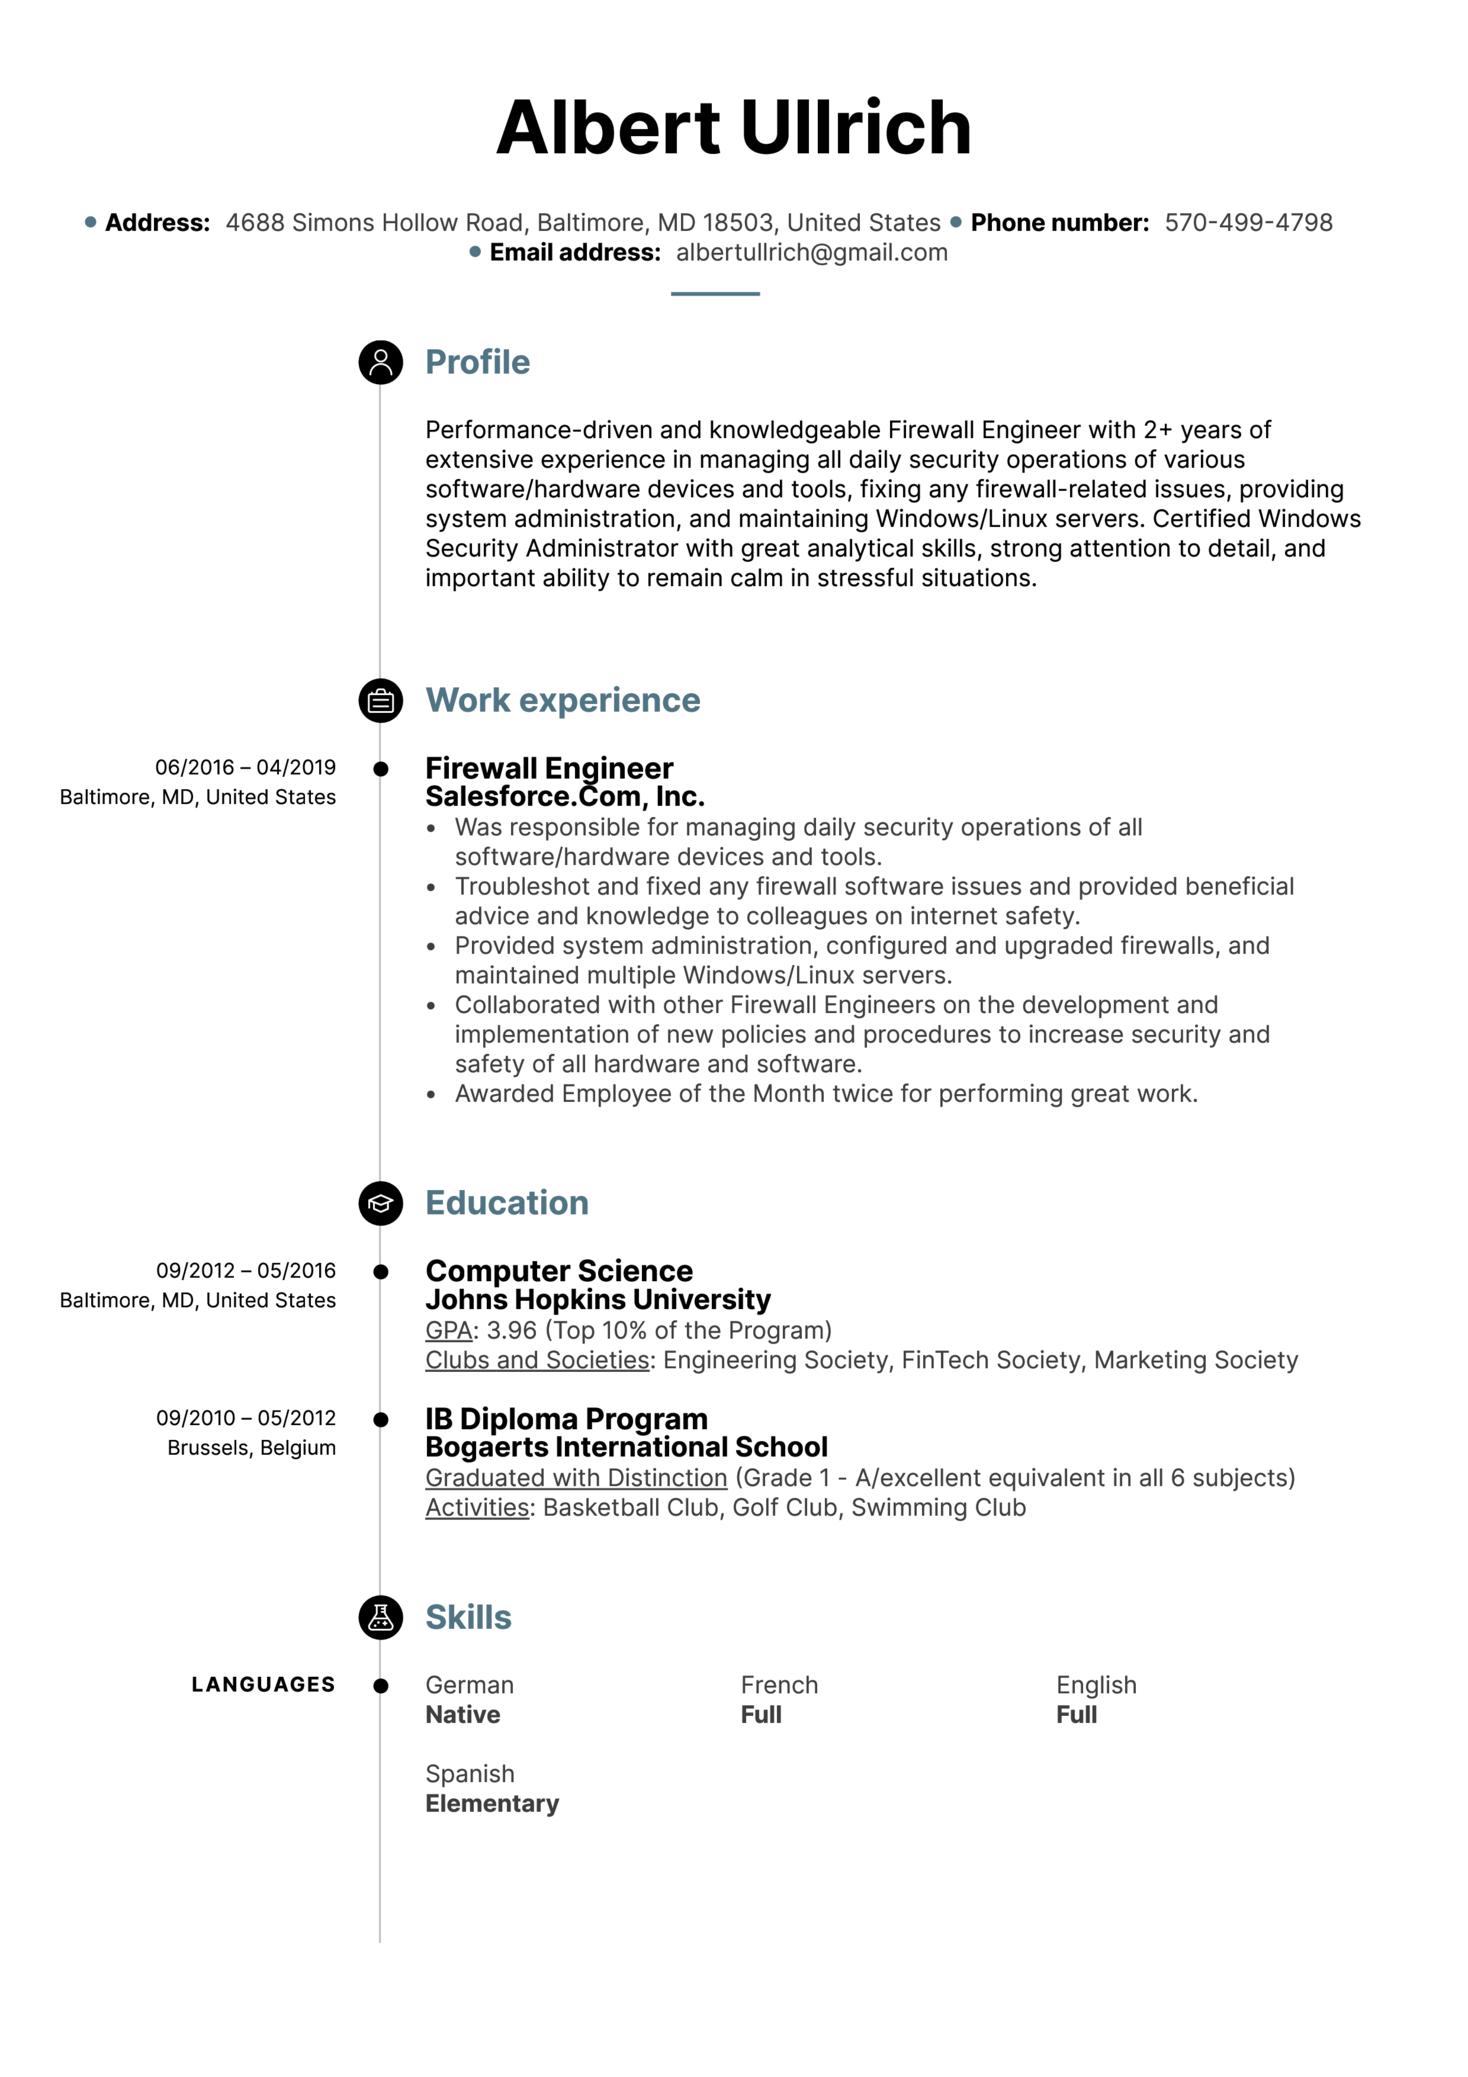 Firewall Engineer Resume Sample (Teil 1)